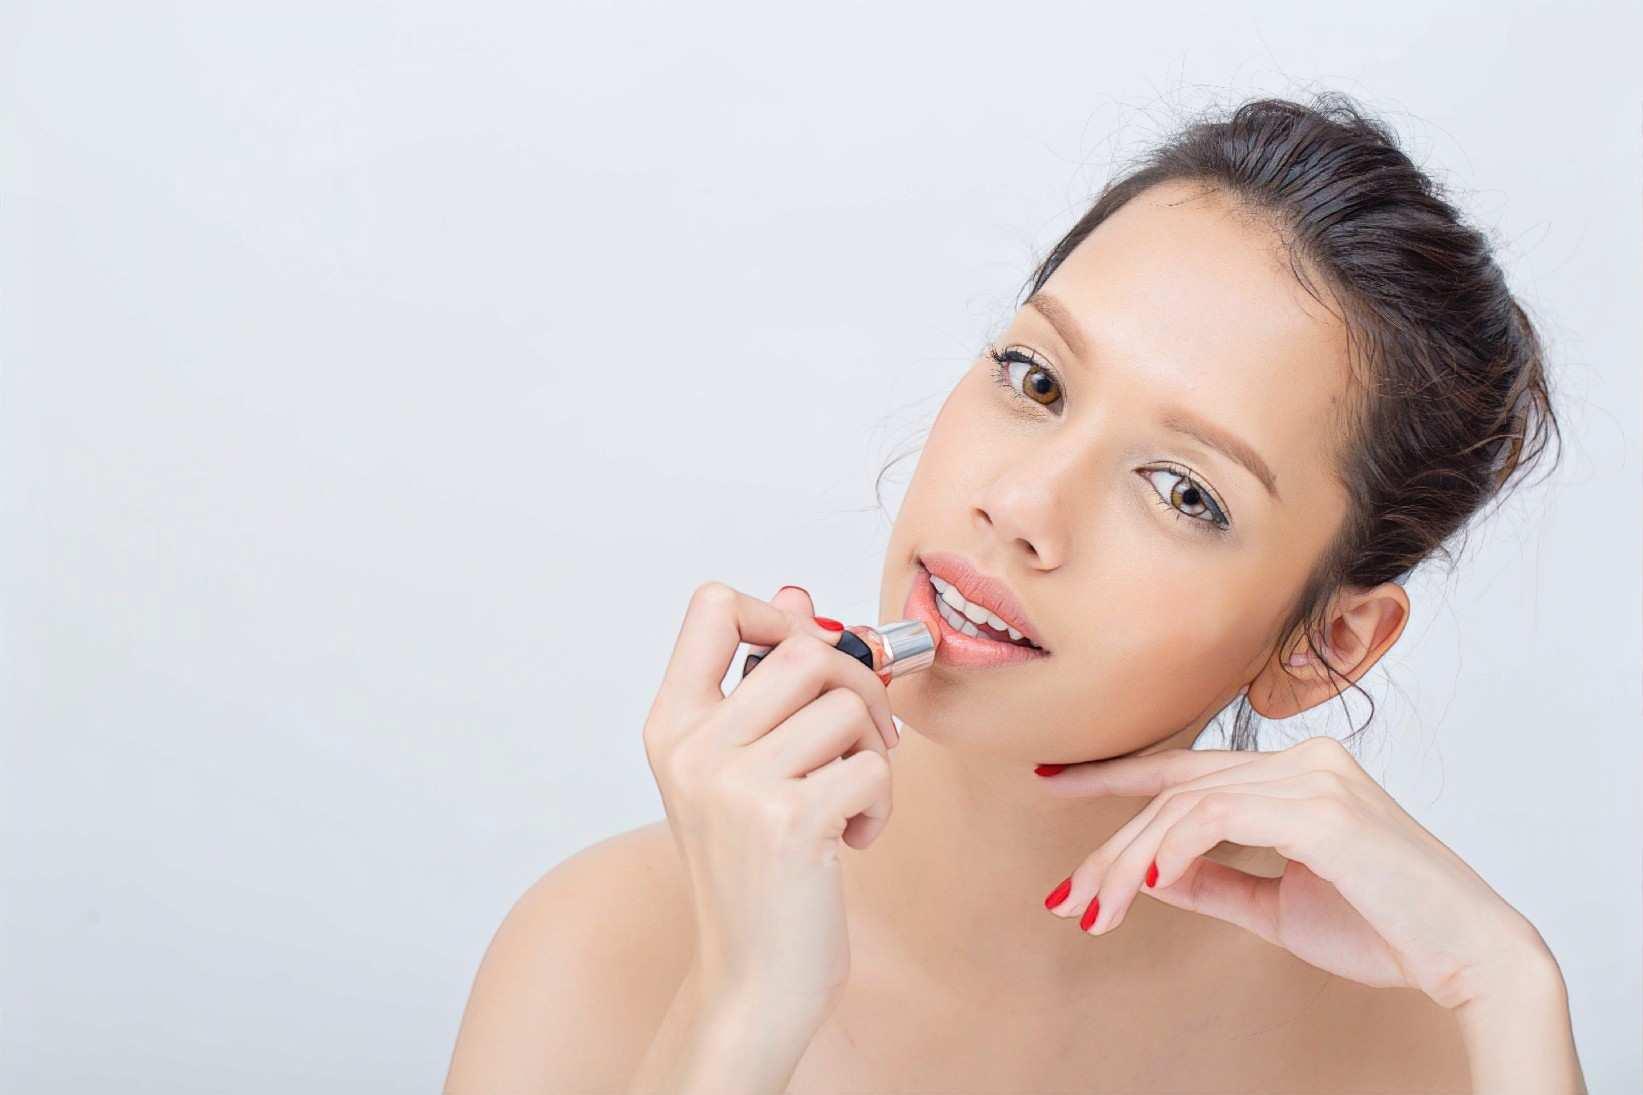 Контурная пластика губ гиалуроновой кислотой: побочные эффекты